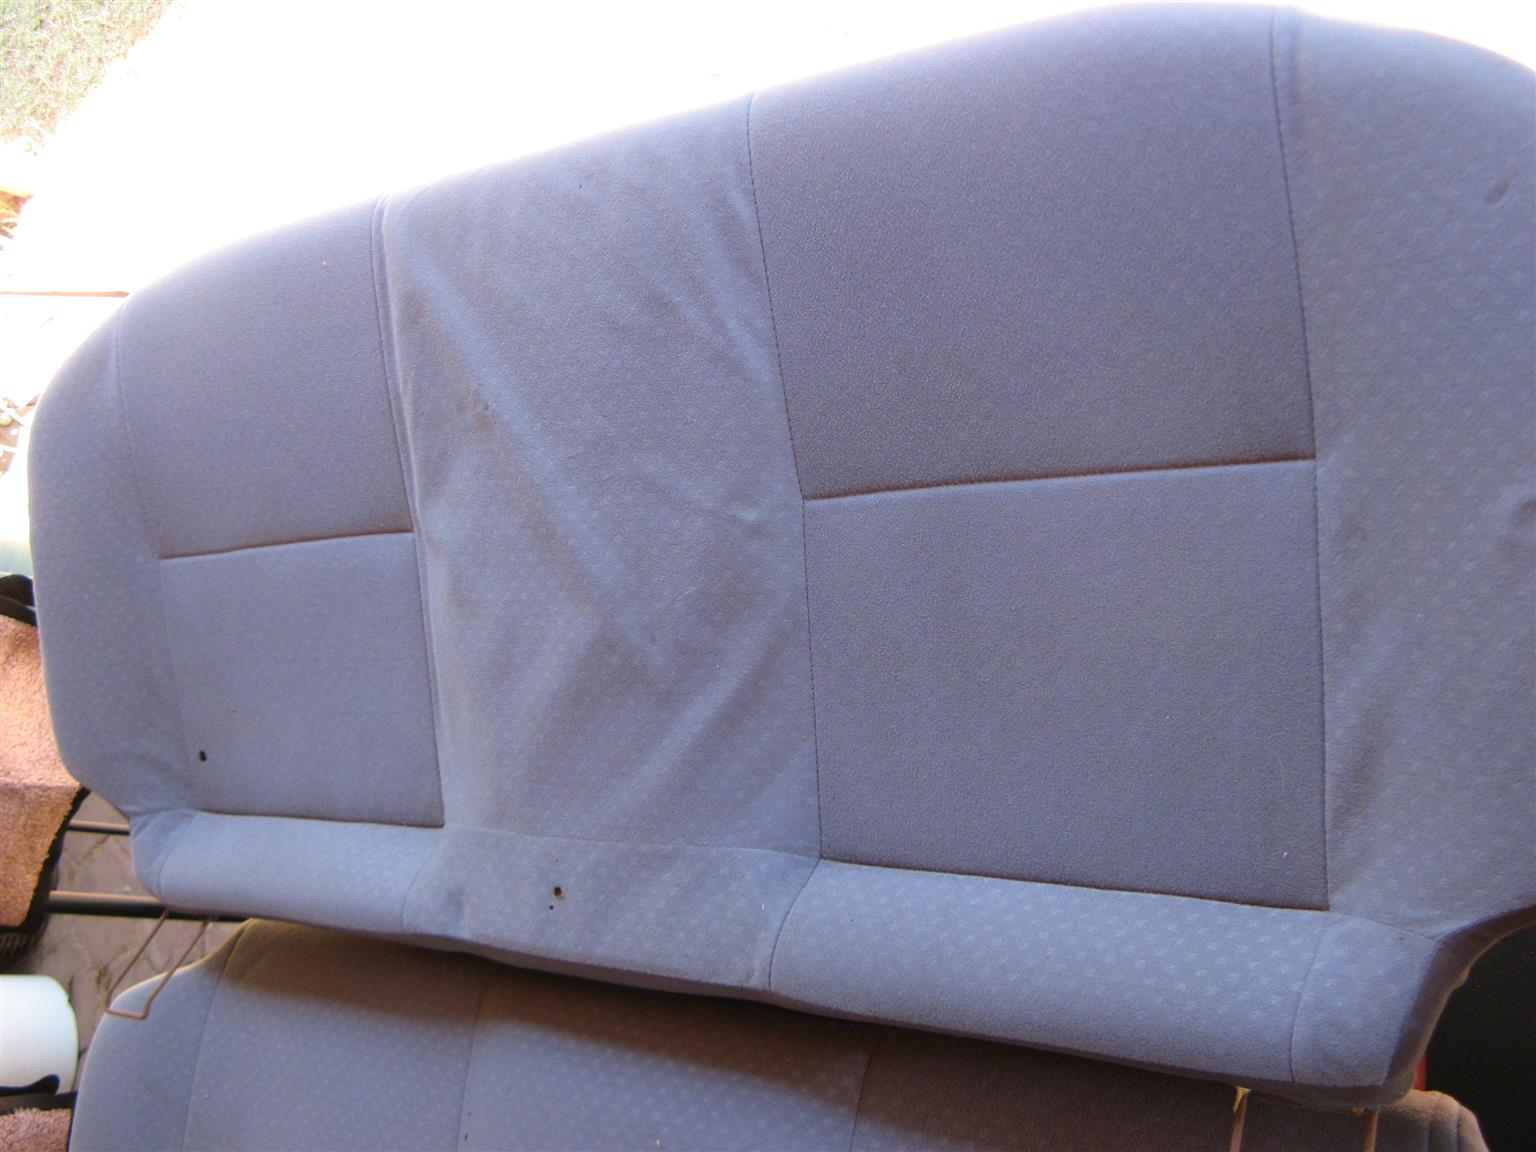 Charade set rear seats